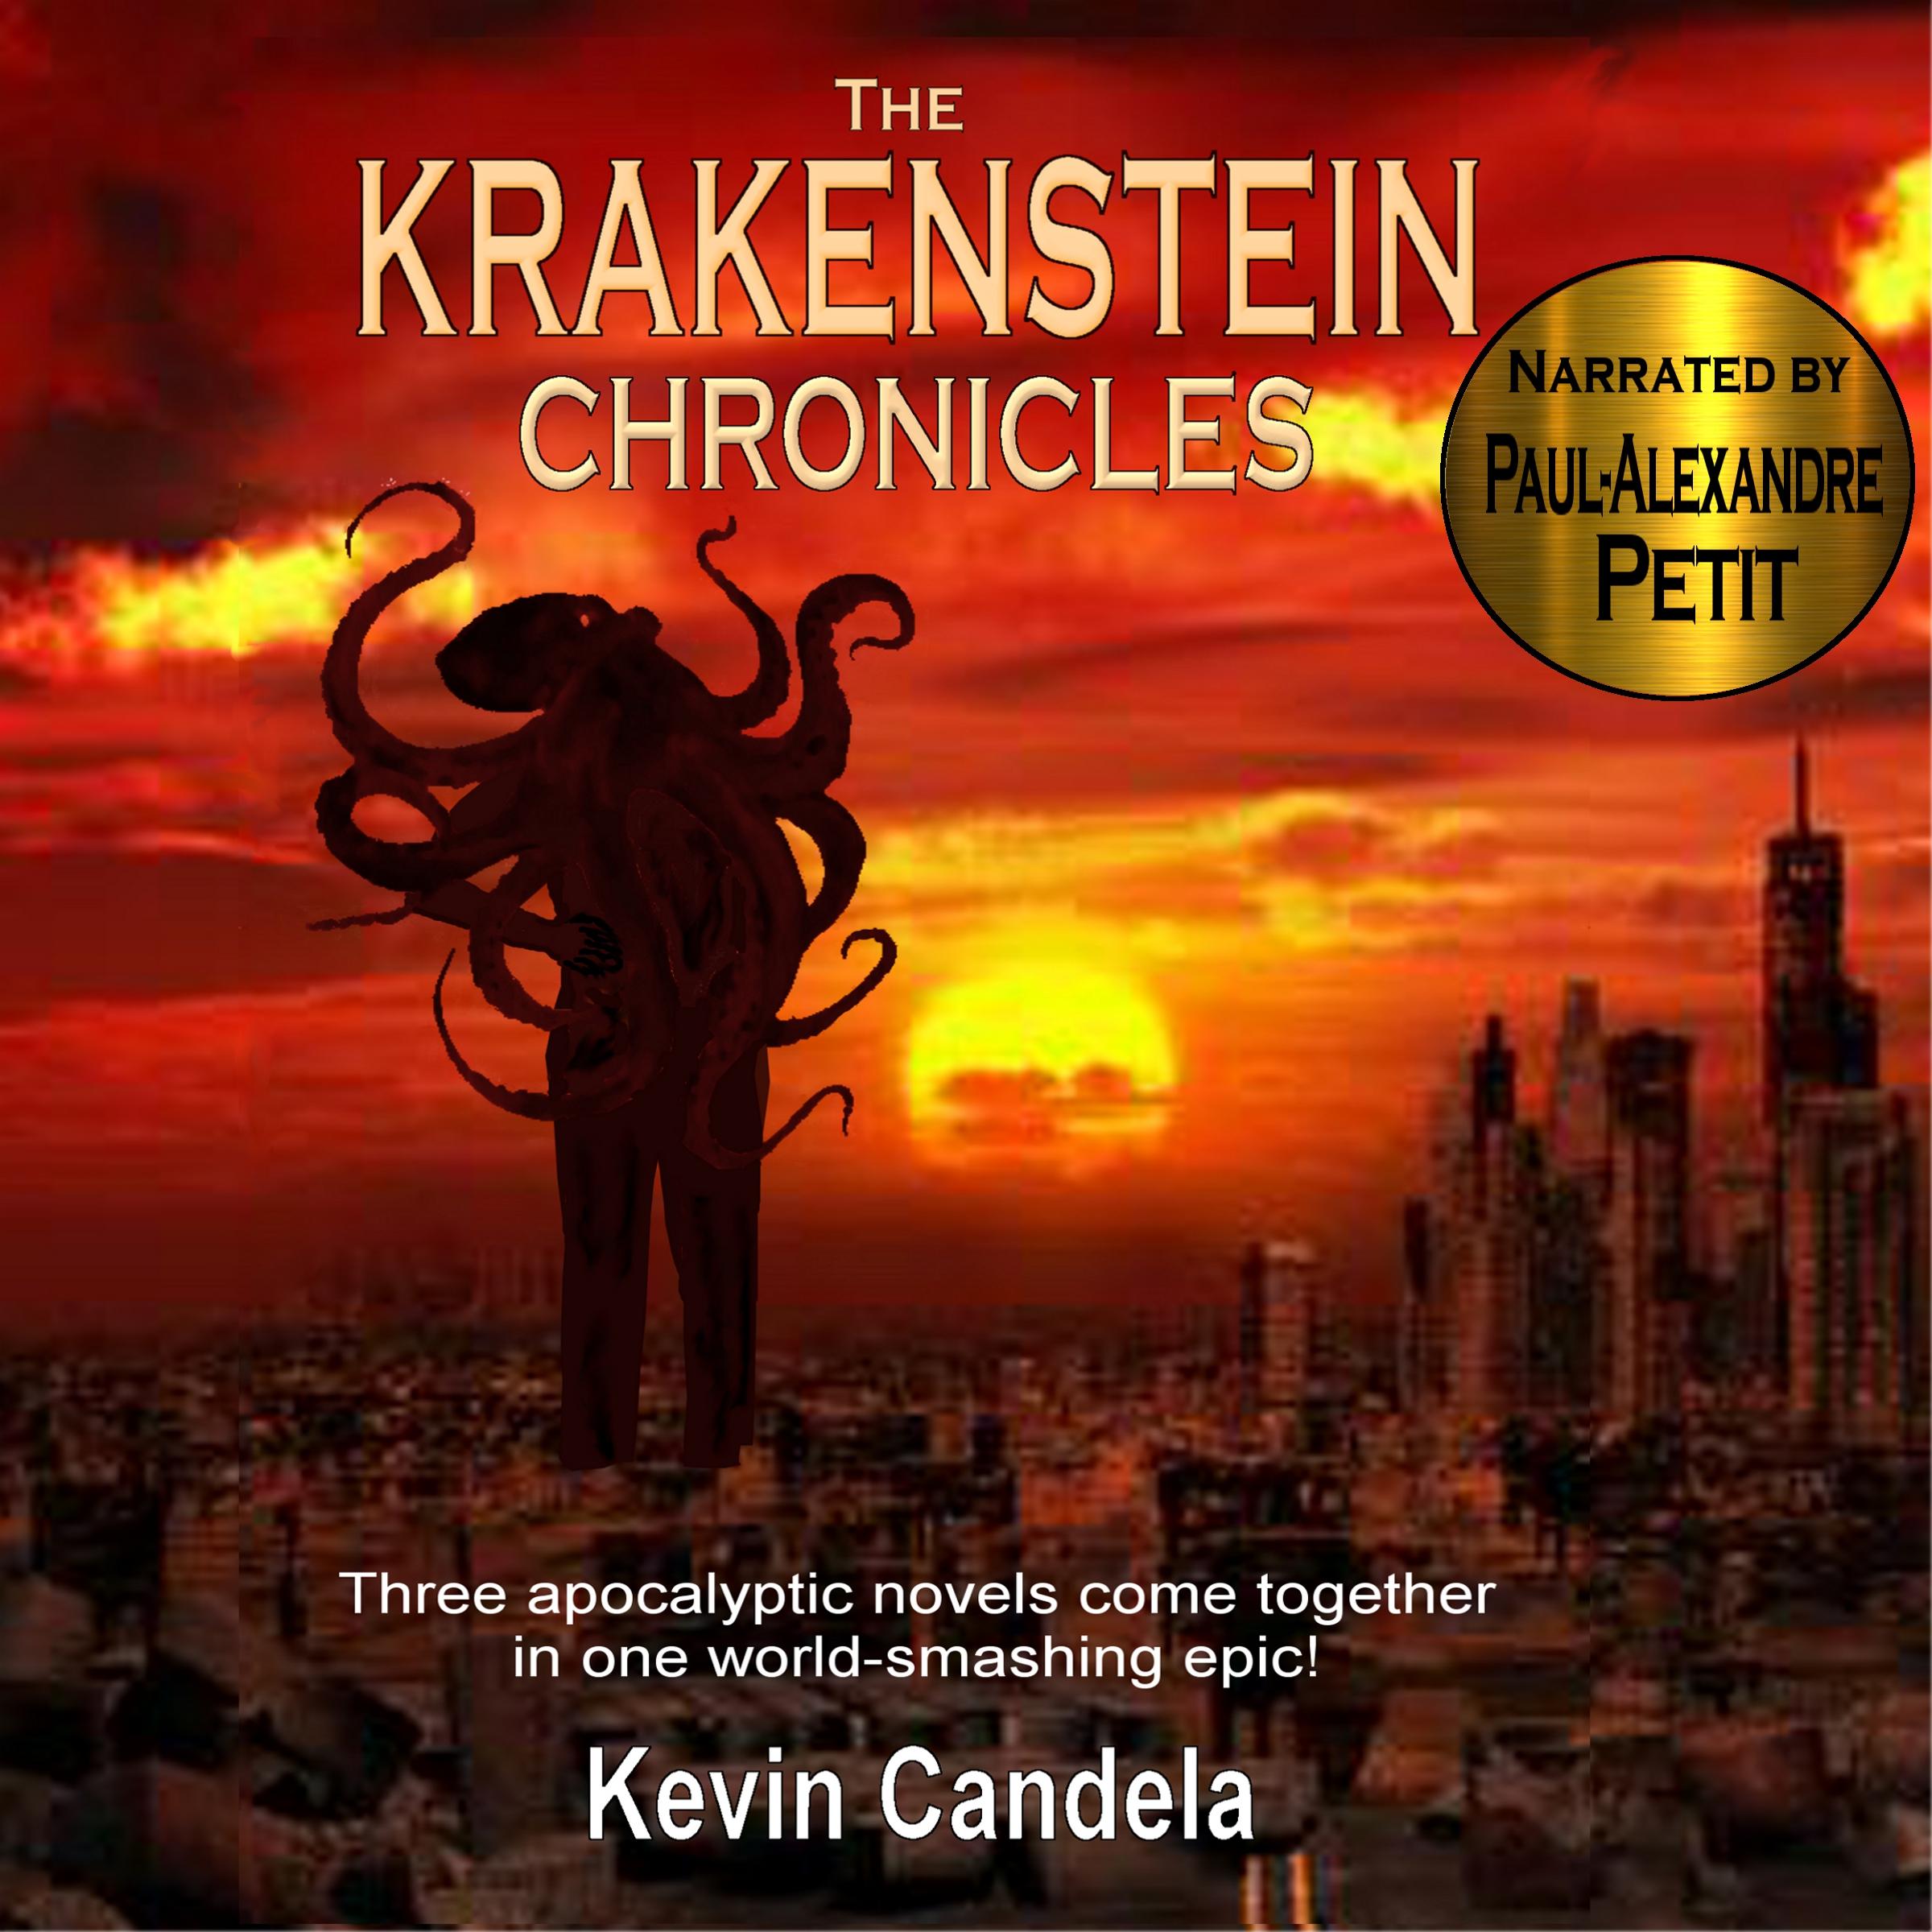 The Krakenstein Chronicles Cover for ACX.jpg